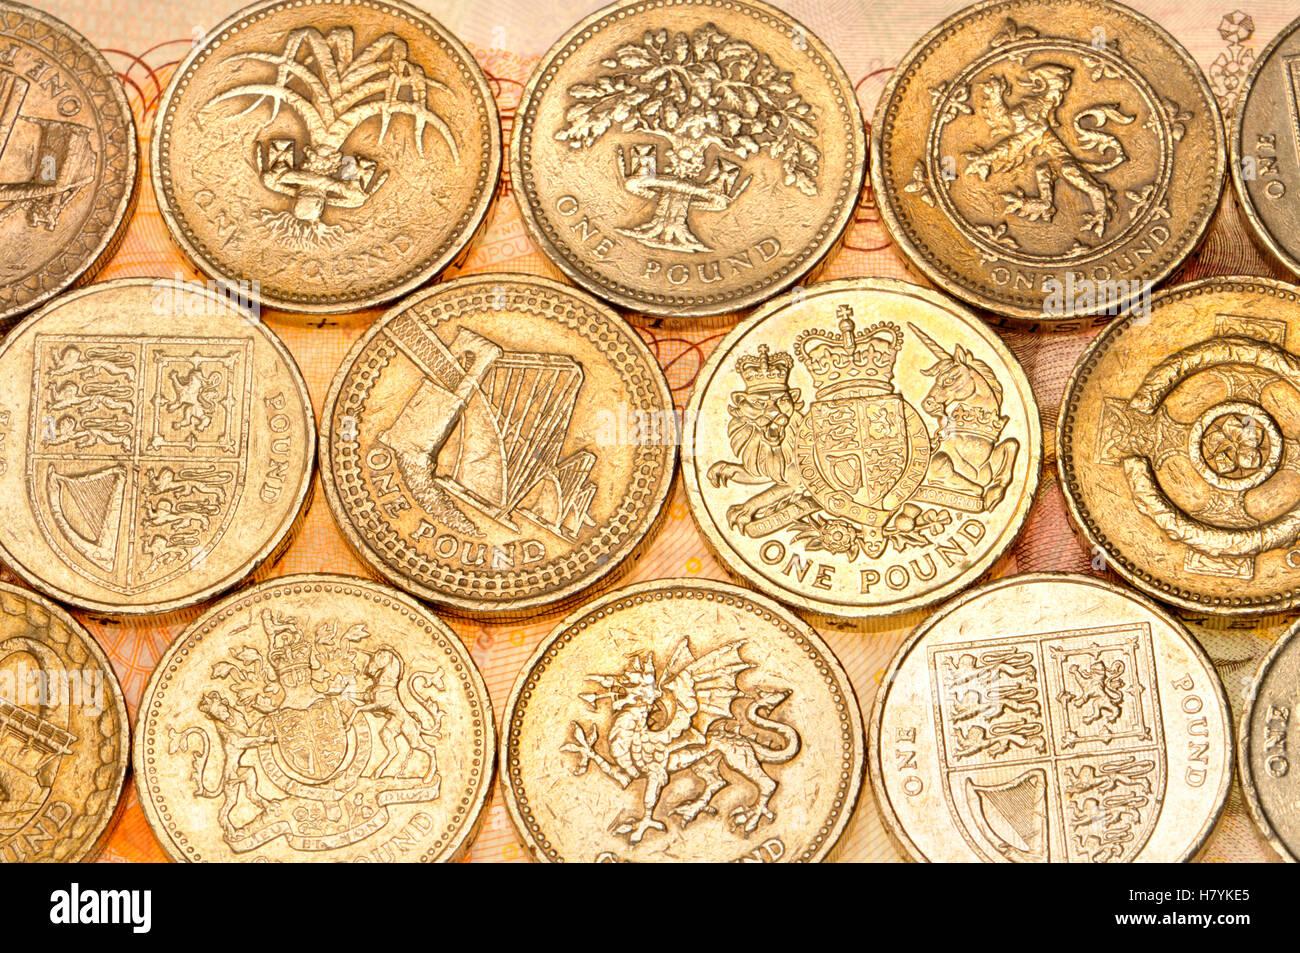 Britische Pfund Münzen Mit Verschiedenen Designs Auf Der Rückseite